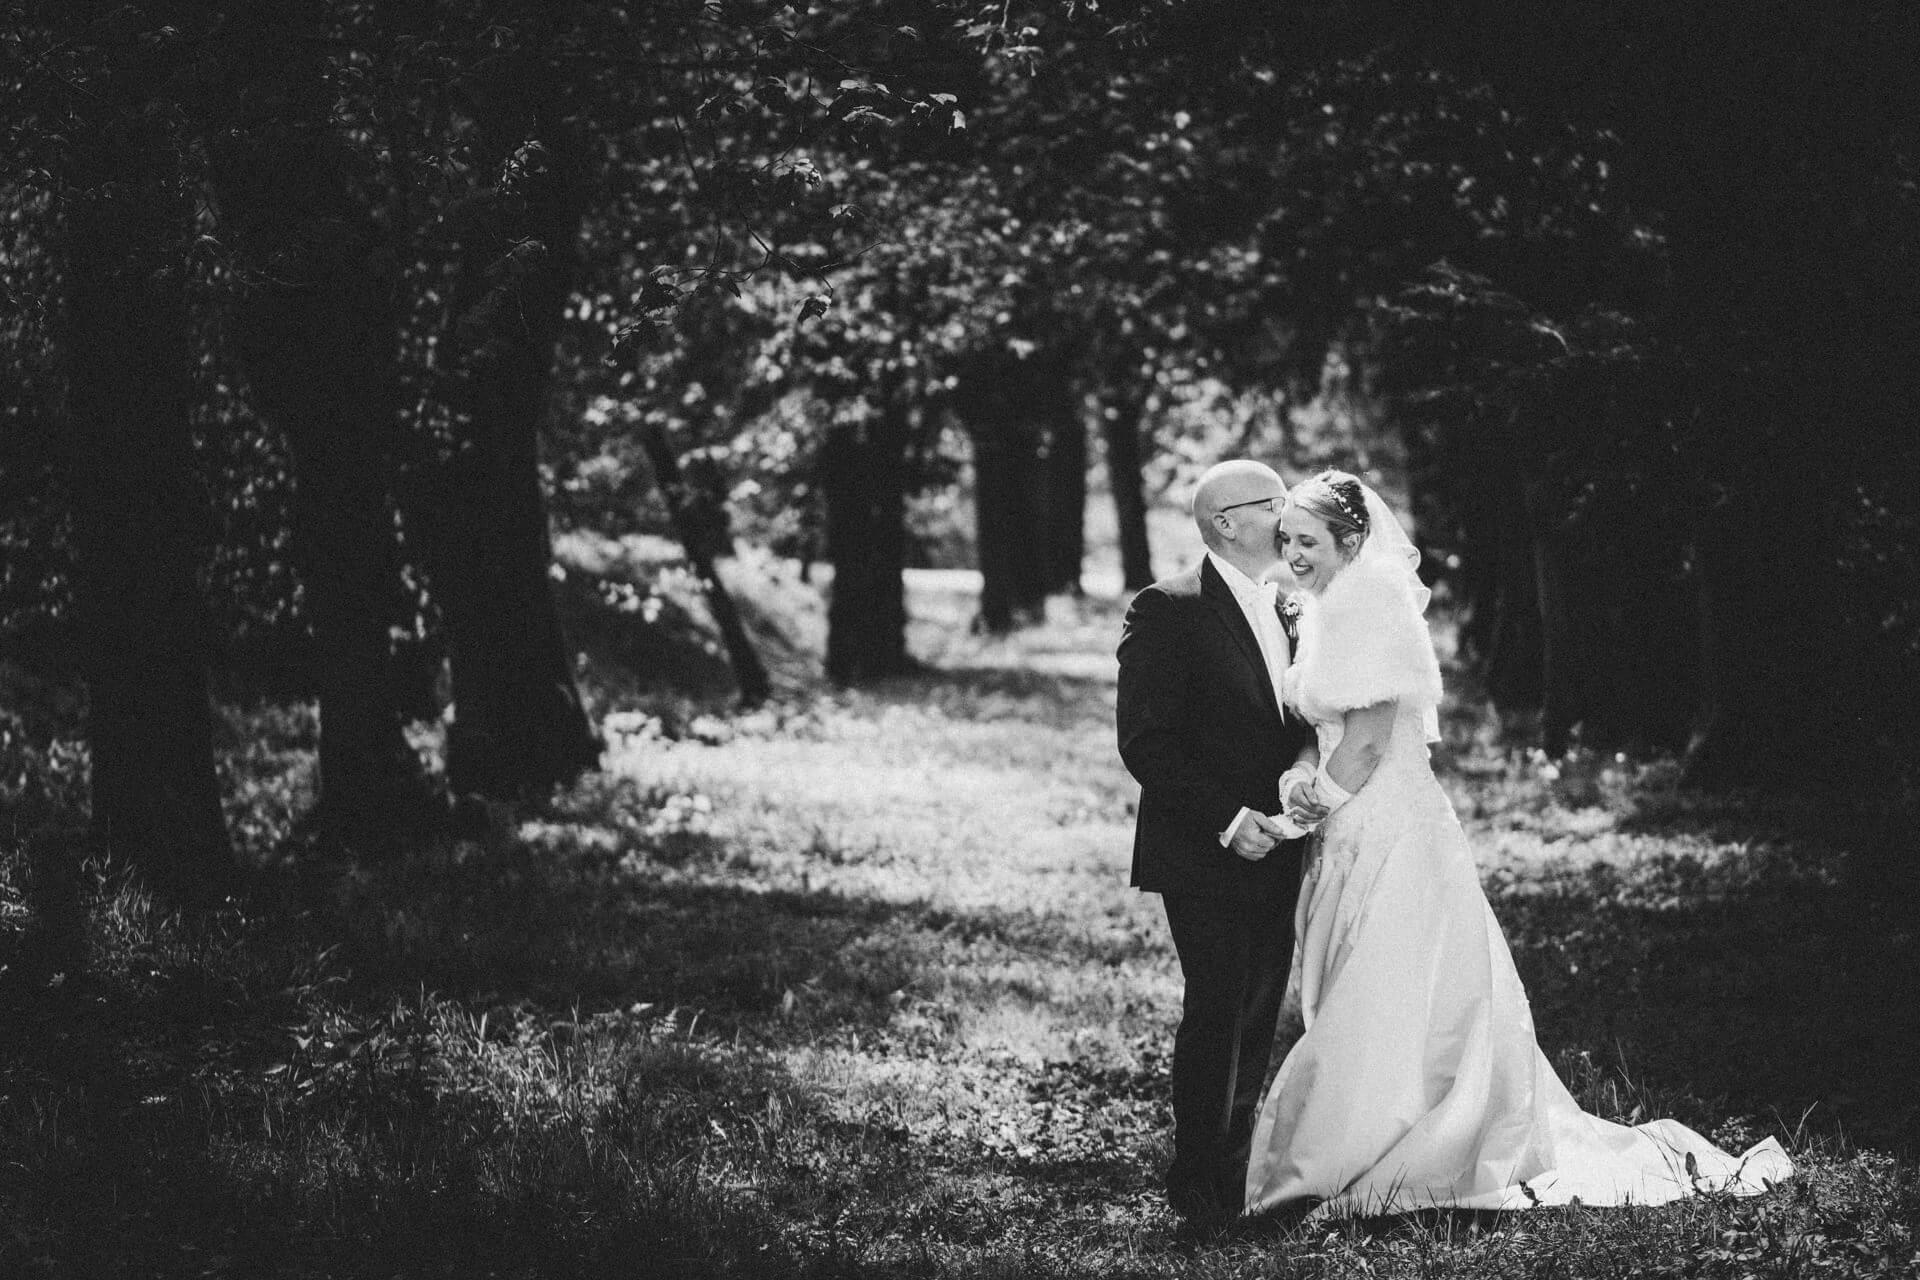 Hochzeitsfotograf Hofgut Friedelhausen - Hochzeitsfotos Schloss Friedelhausen - Elegantes Porträt des Bräutigams